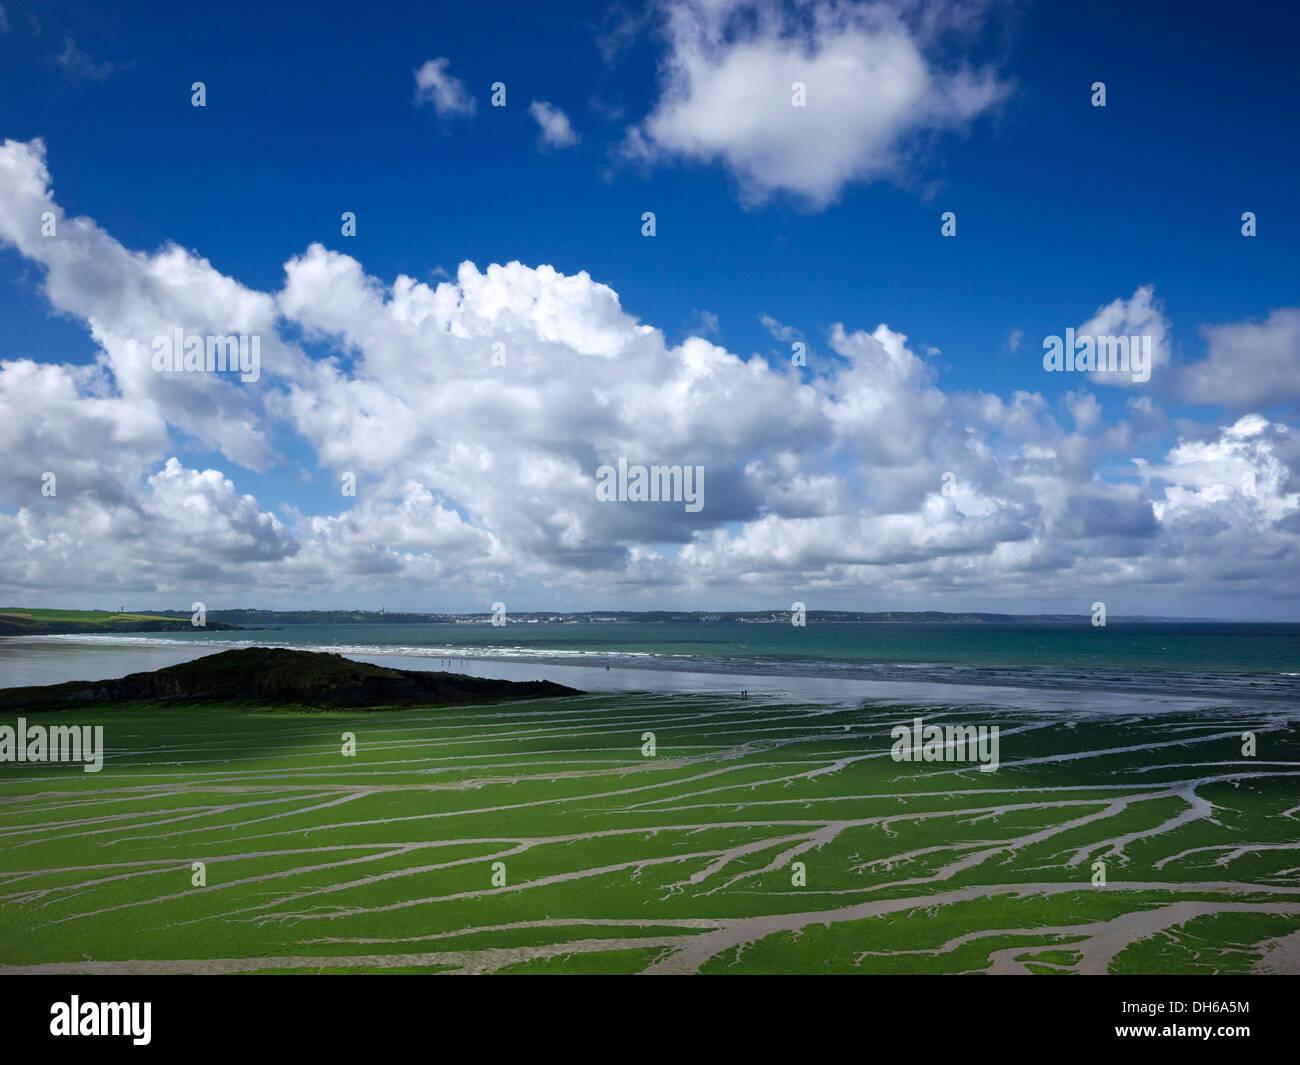 Meersalat (ulva armoricana), Algen in der Bucht von Douarnenez, Finistère, Bretagne, Frankreich, Europa, publicground Stockfoto